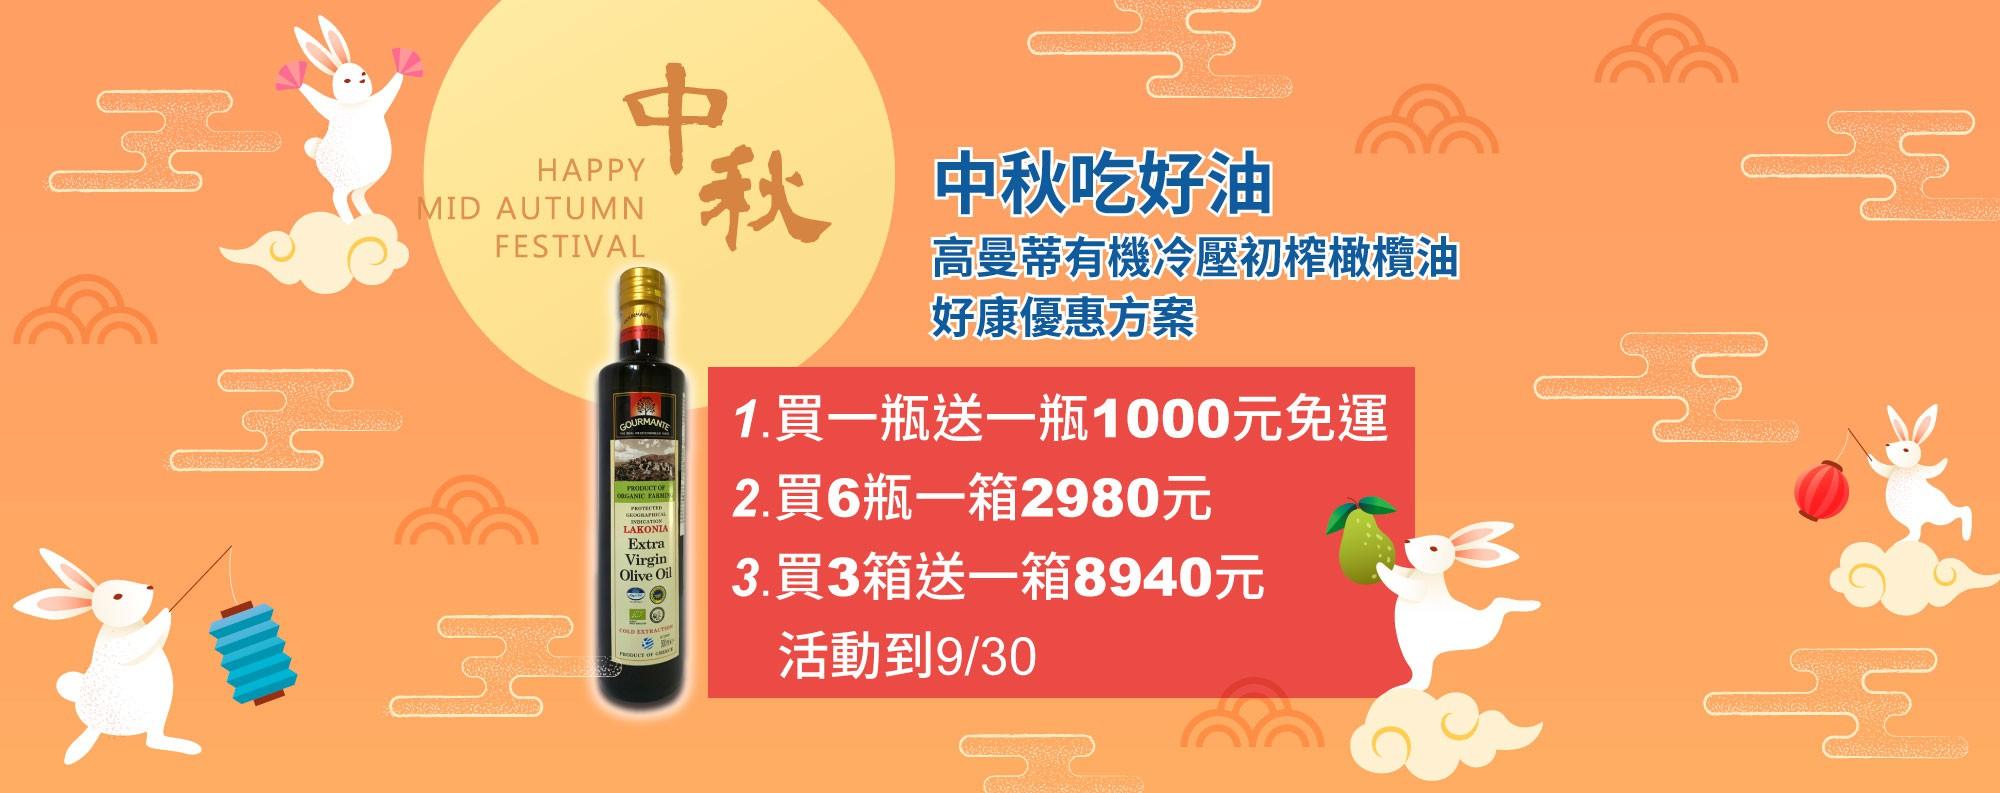 2020中秋節橄欖油優惠